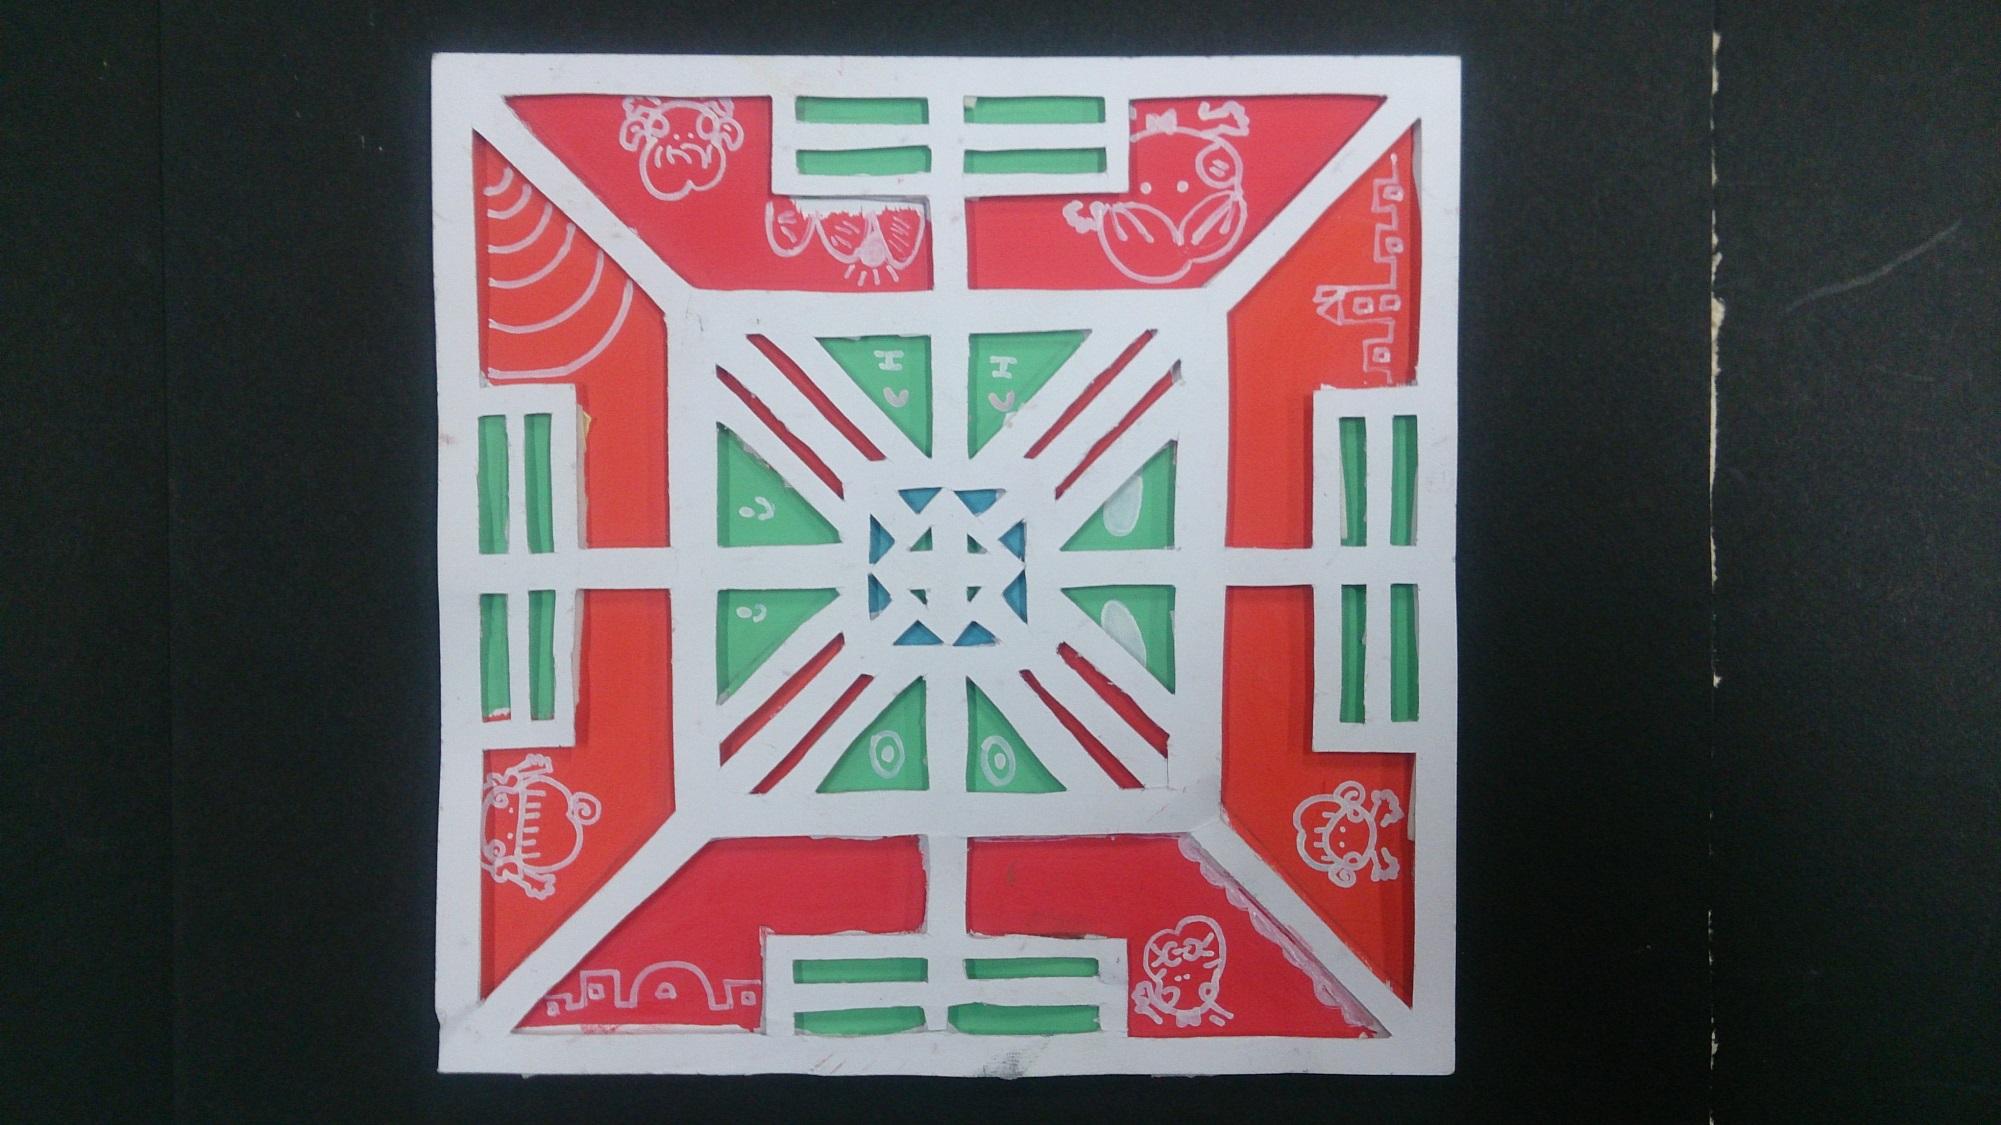 正方形:两组补色   长方形:两组对比色,两组类似色   正方形和长方形